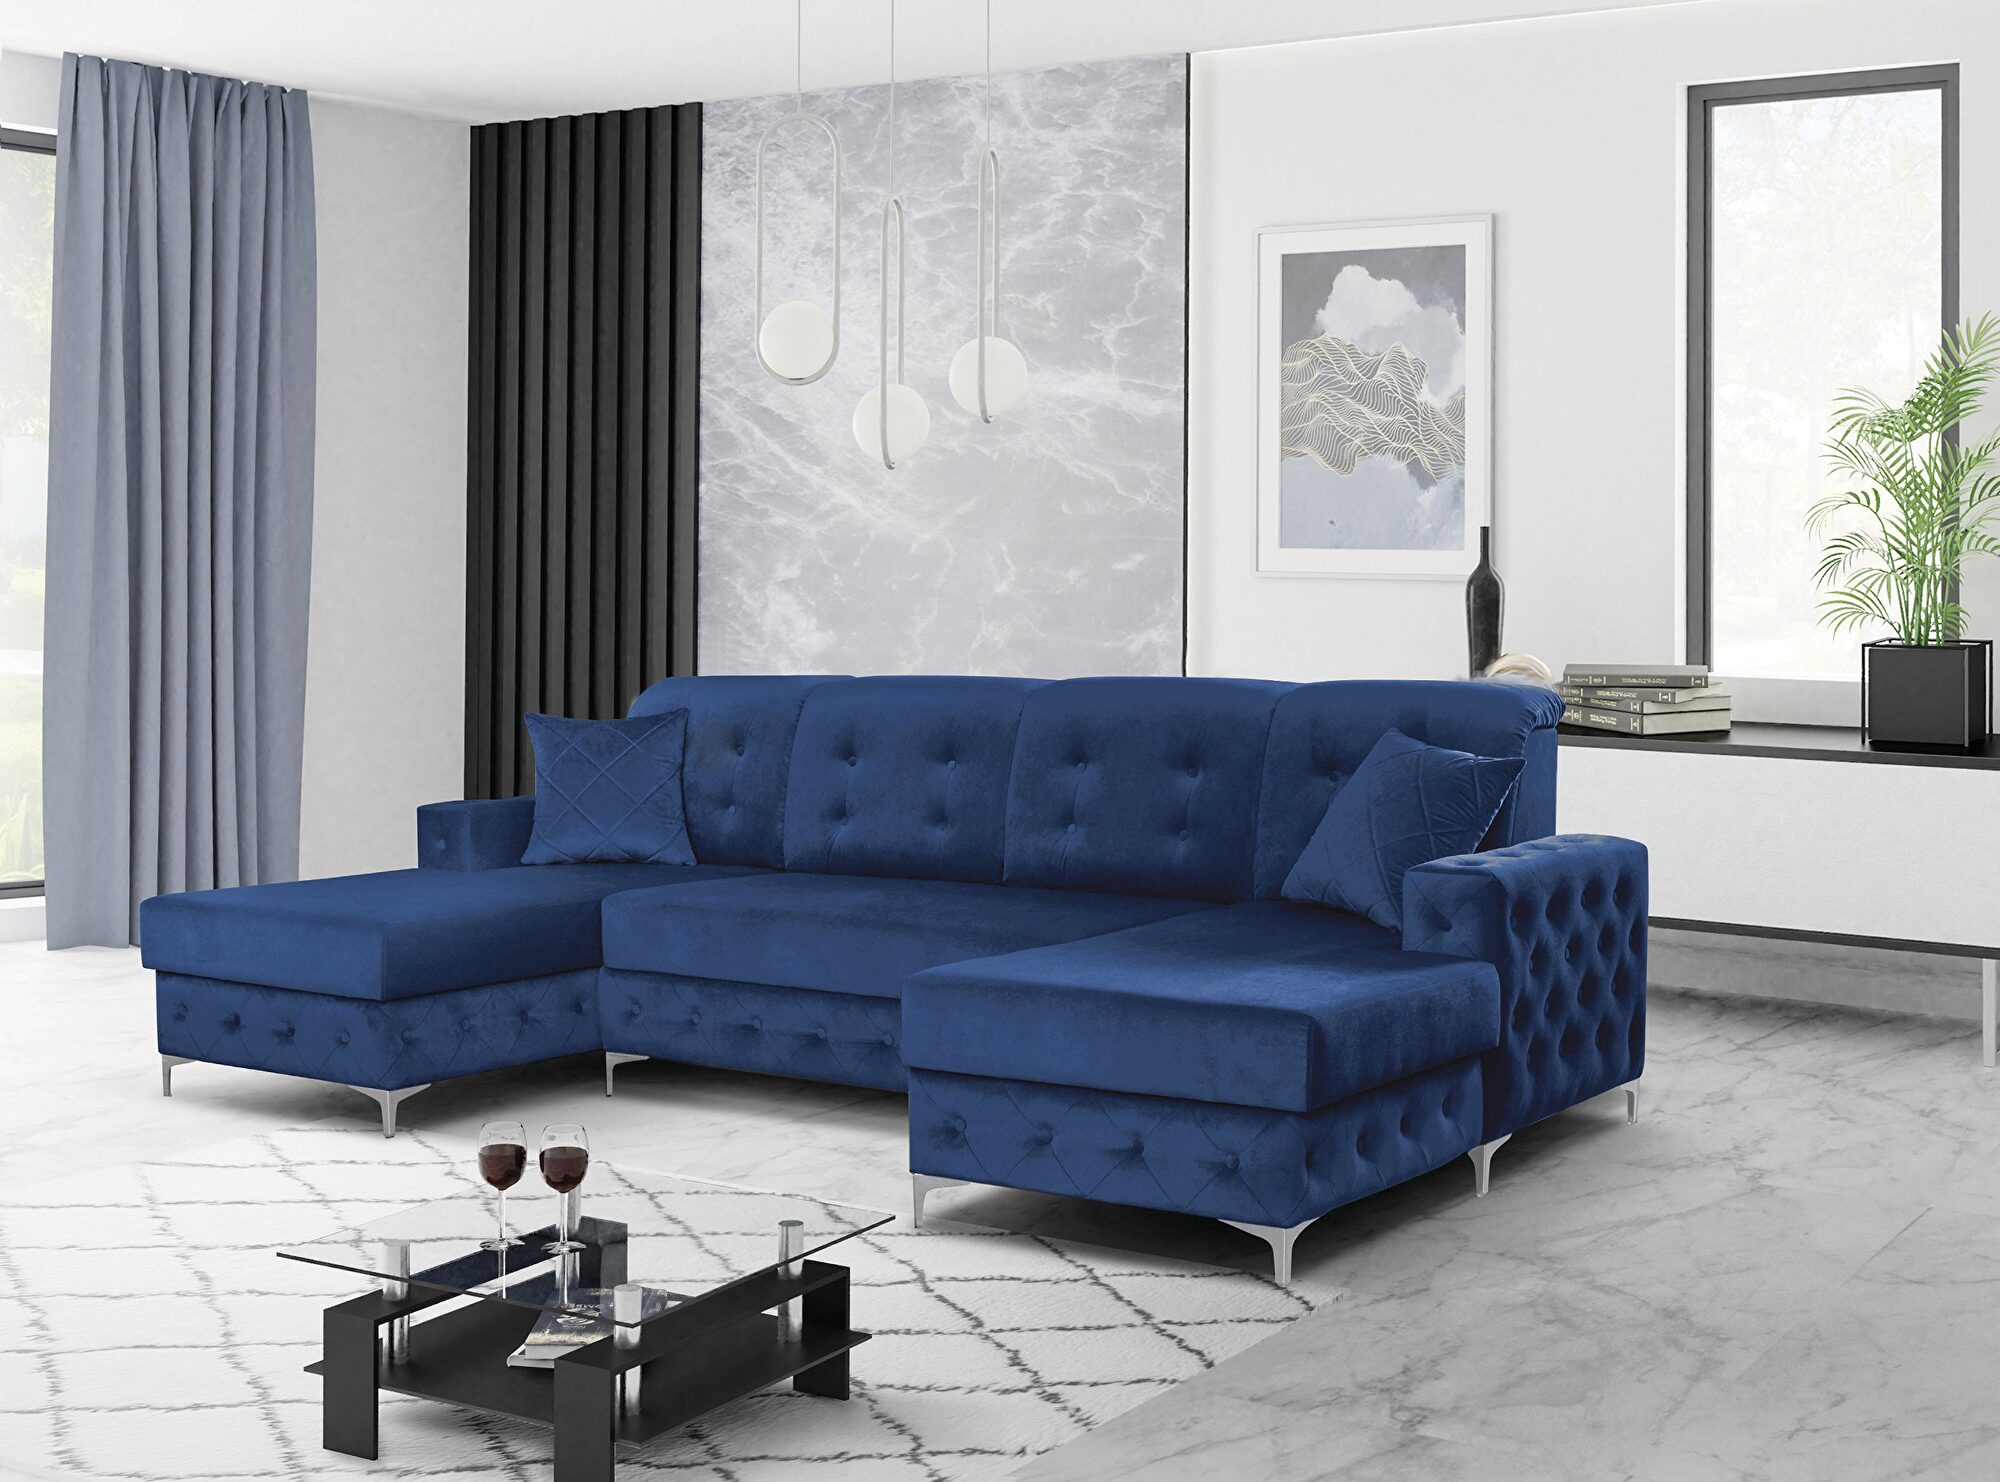 Verso Blue Sectional Sofa Skyler